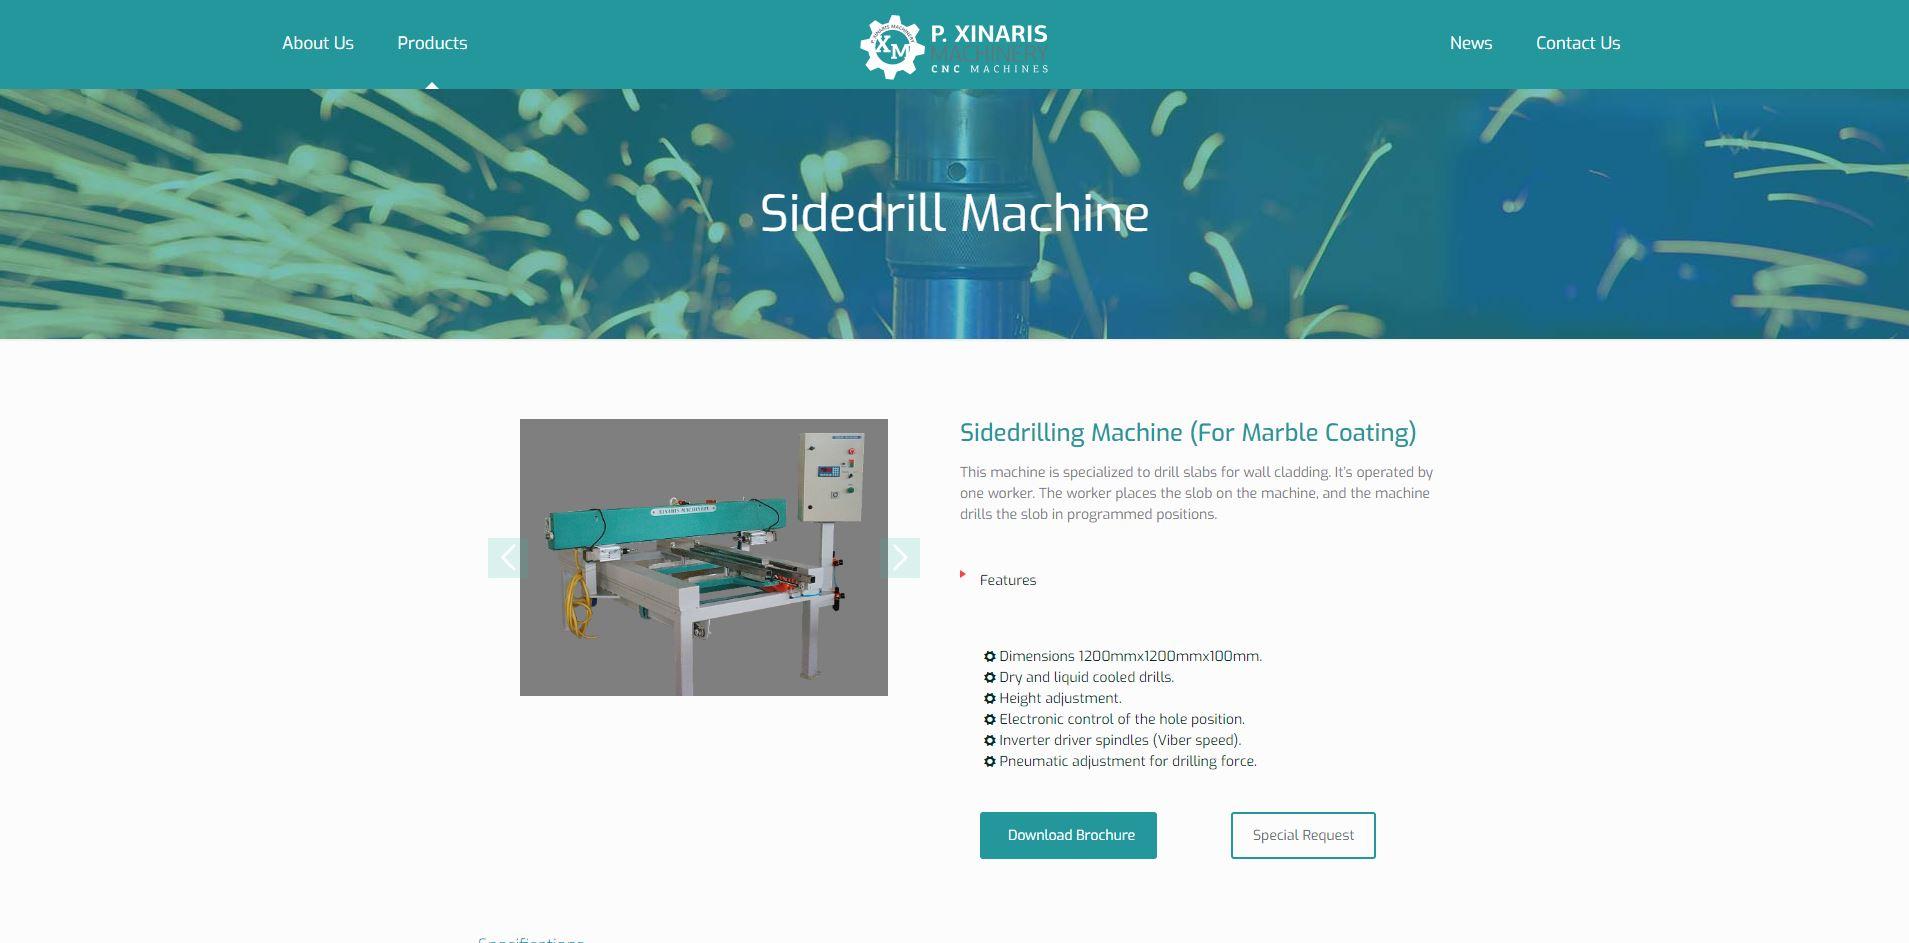 Panicos Xinaris Machinery - 2